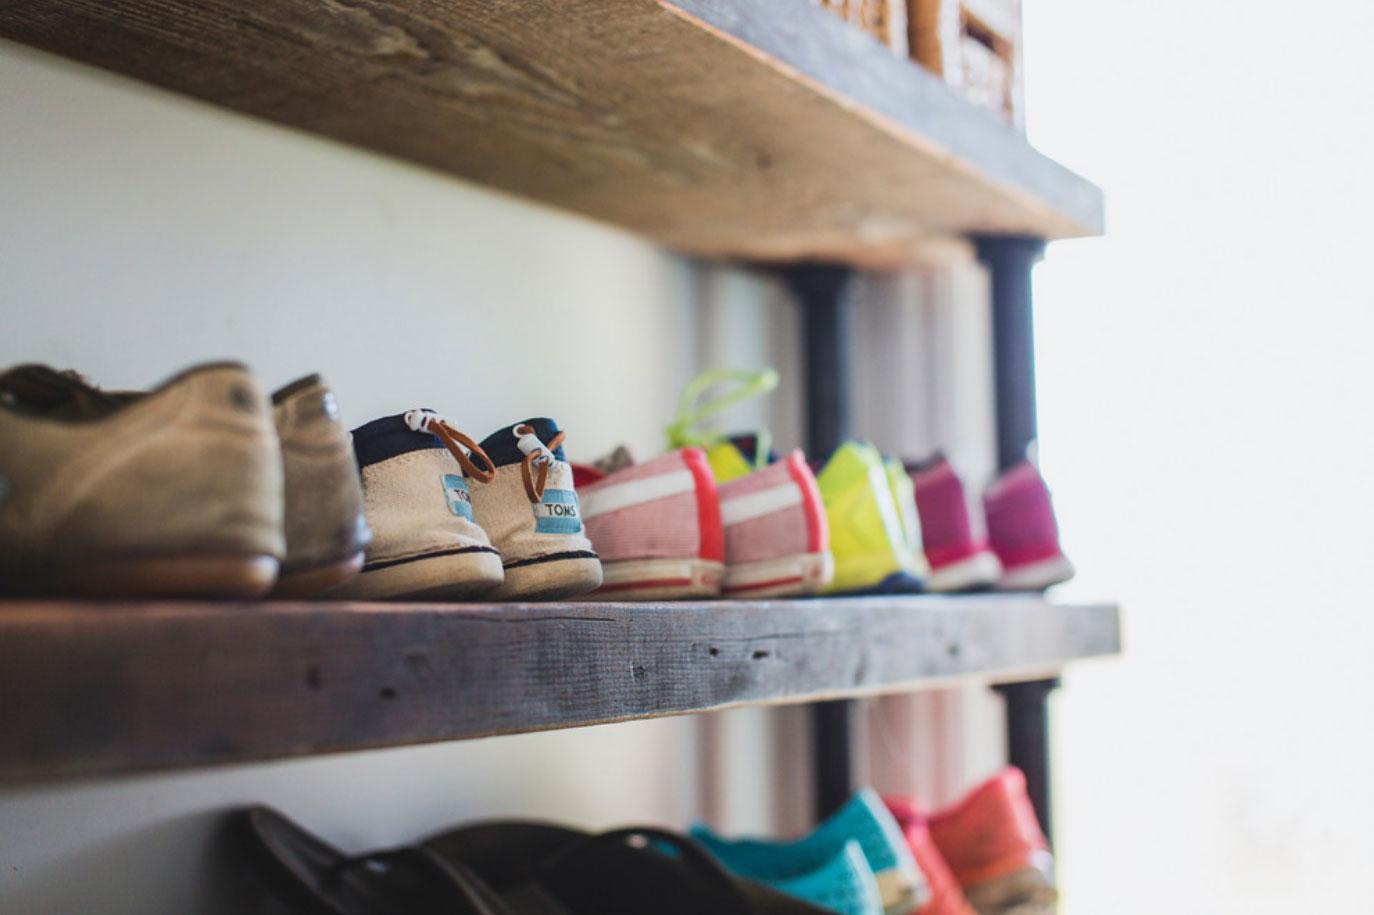 Лучший способ организовать все ваши модные сапоги и туфли